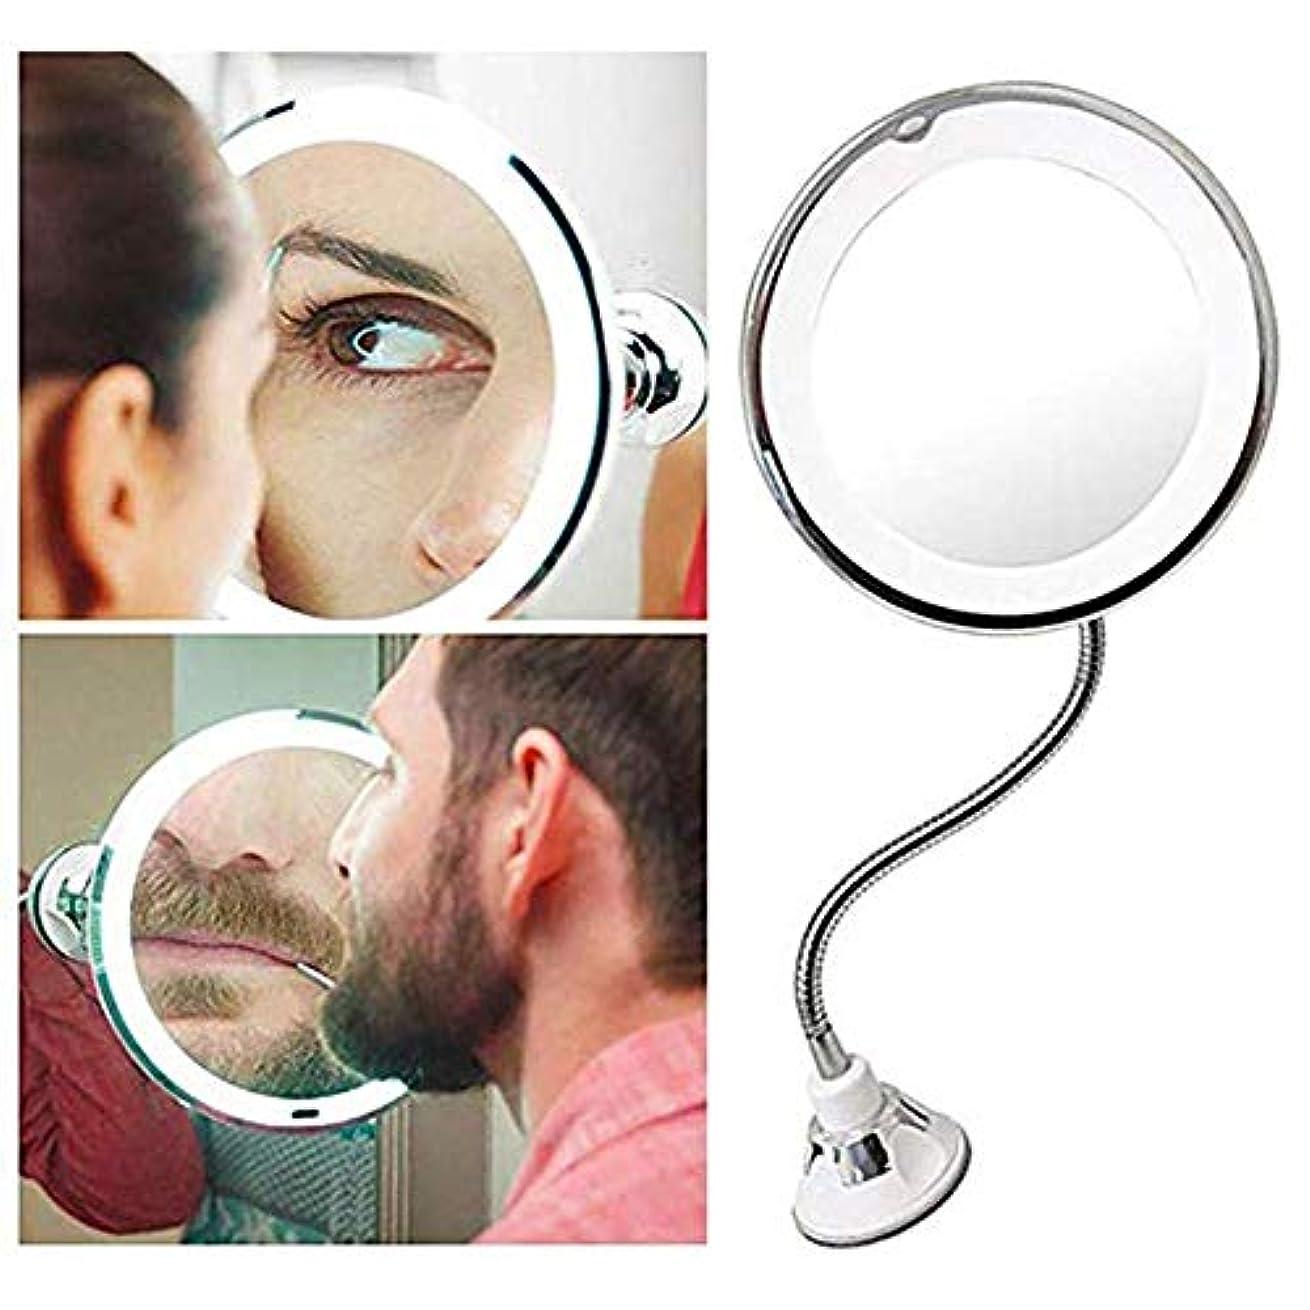 決めますパーク安全な7倍 LED化粧鏡 風呂鏡 吸盤ロック付き 浴室鏡 化粧ミラー 360度回転 メイクミラー LUERME 吸盤ロック付き 化粧ミラー シャワーミラー 鏡面直径17CM